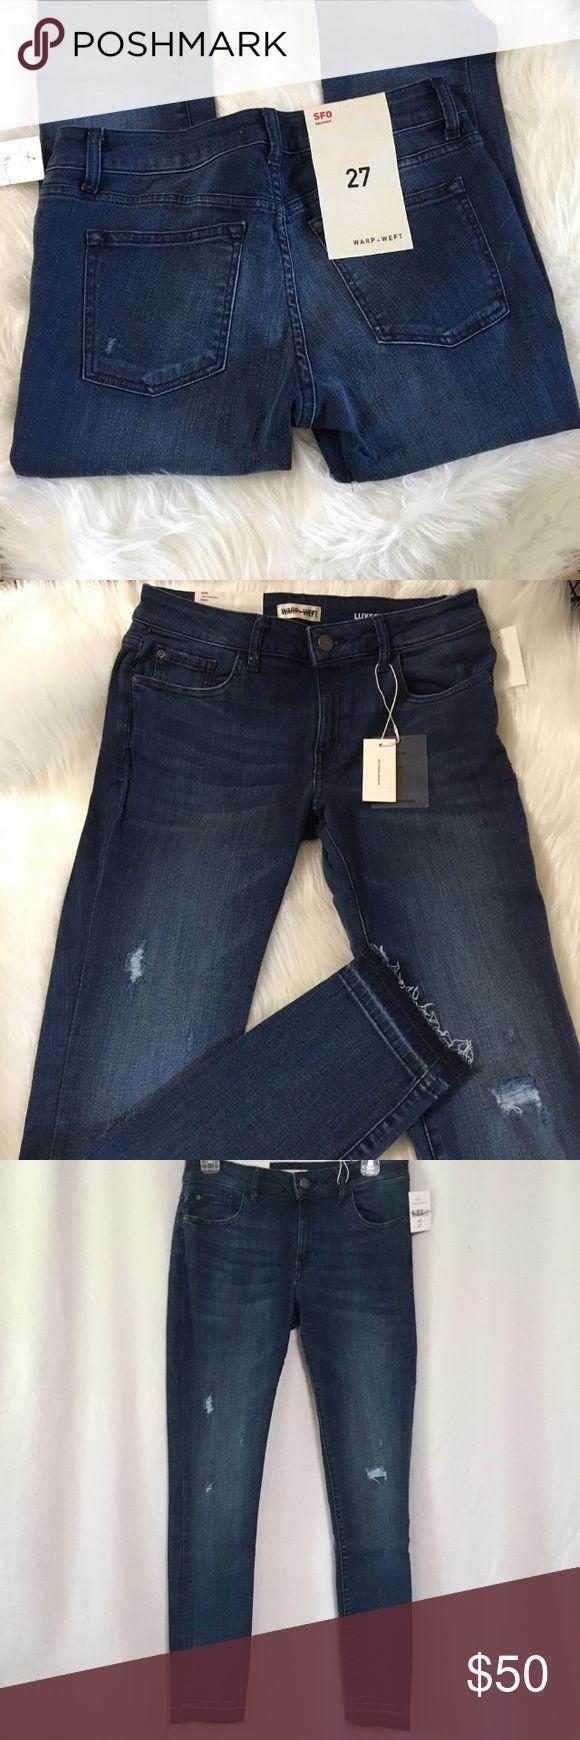 Warp + Weft SFO Skinny Jeans Sz 27 NWT WARP + WEFT…